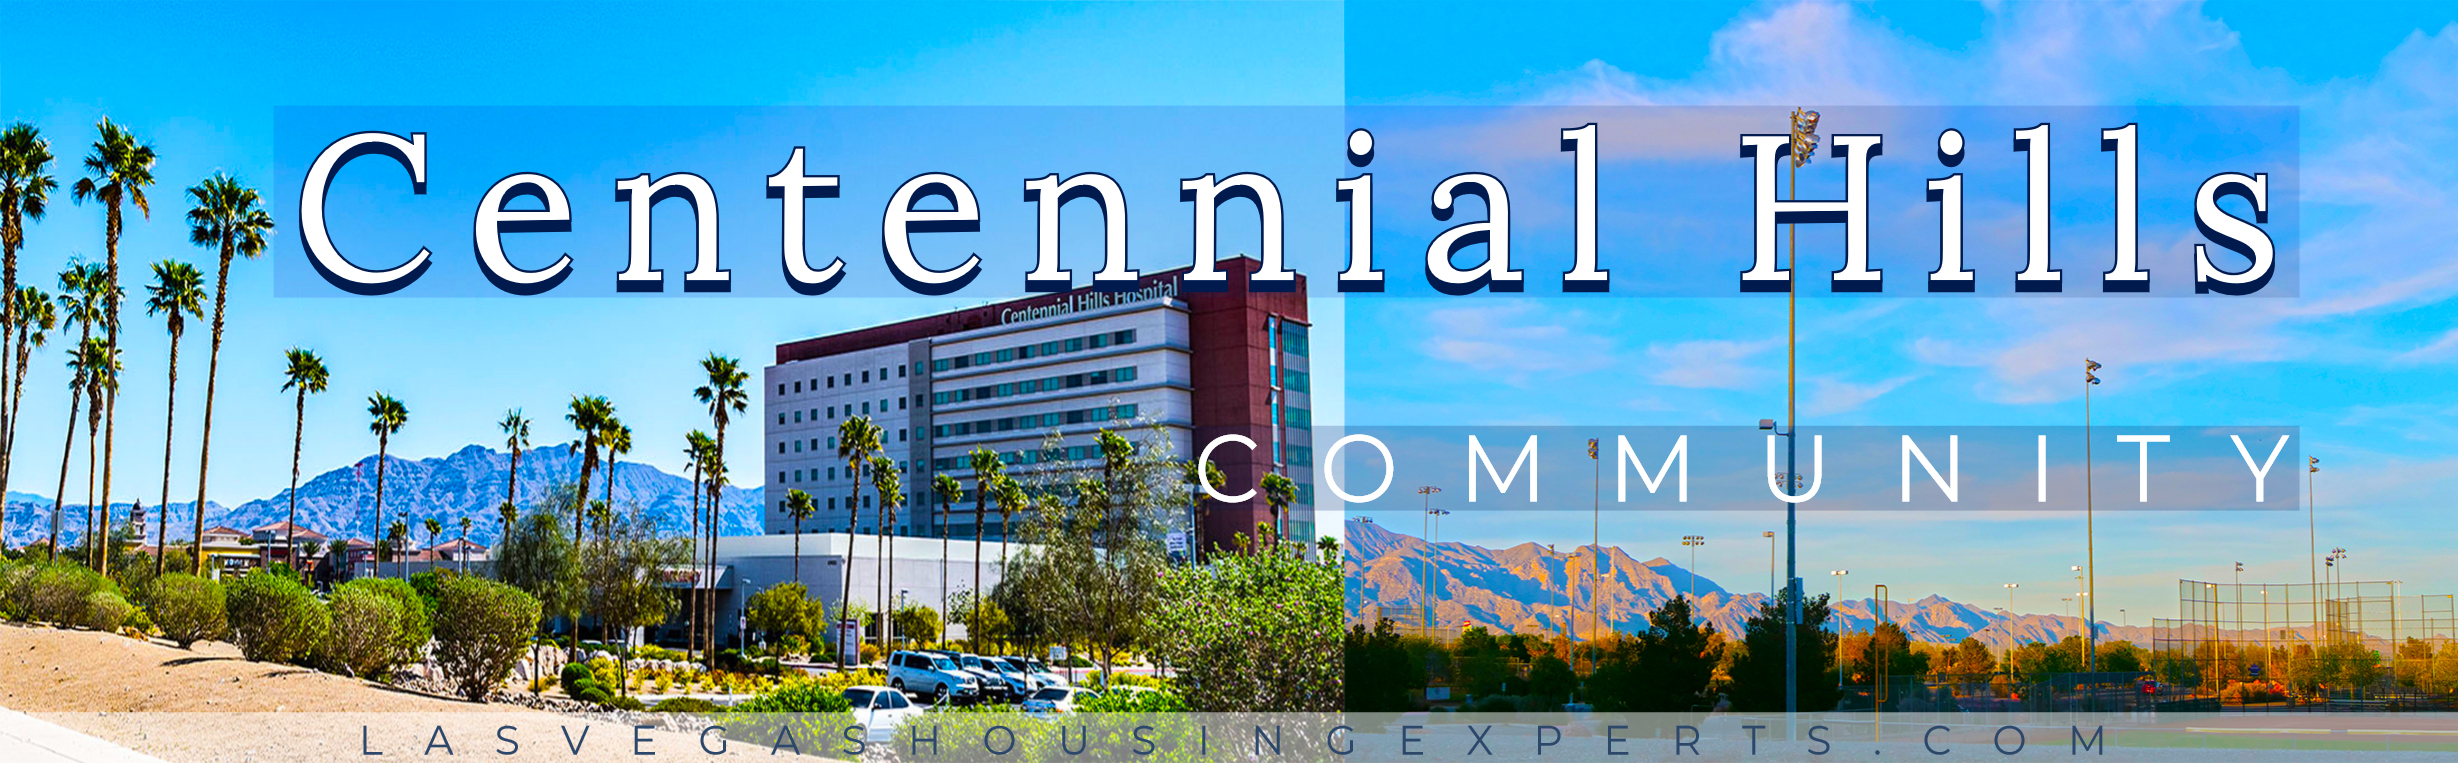 Centennial Hills Las Vegas Housing Experts